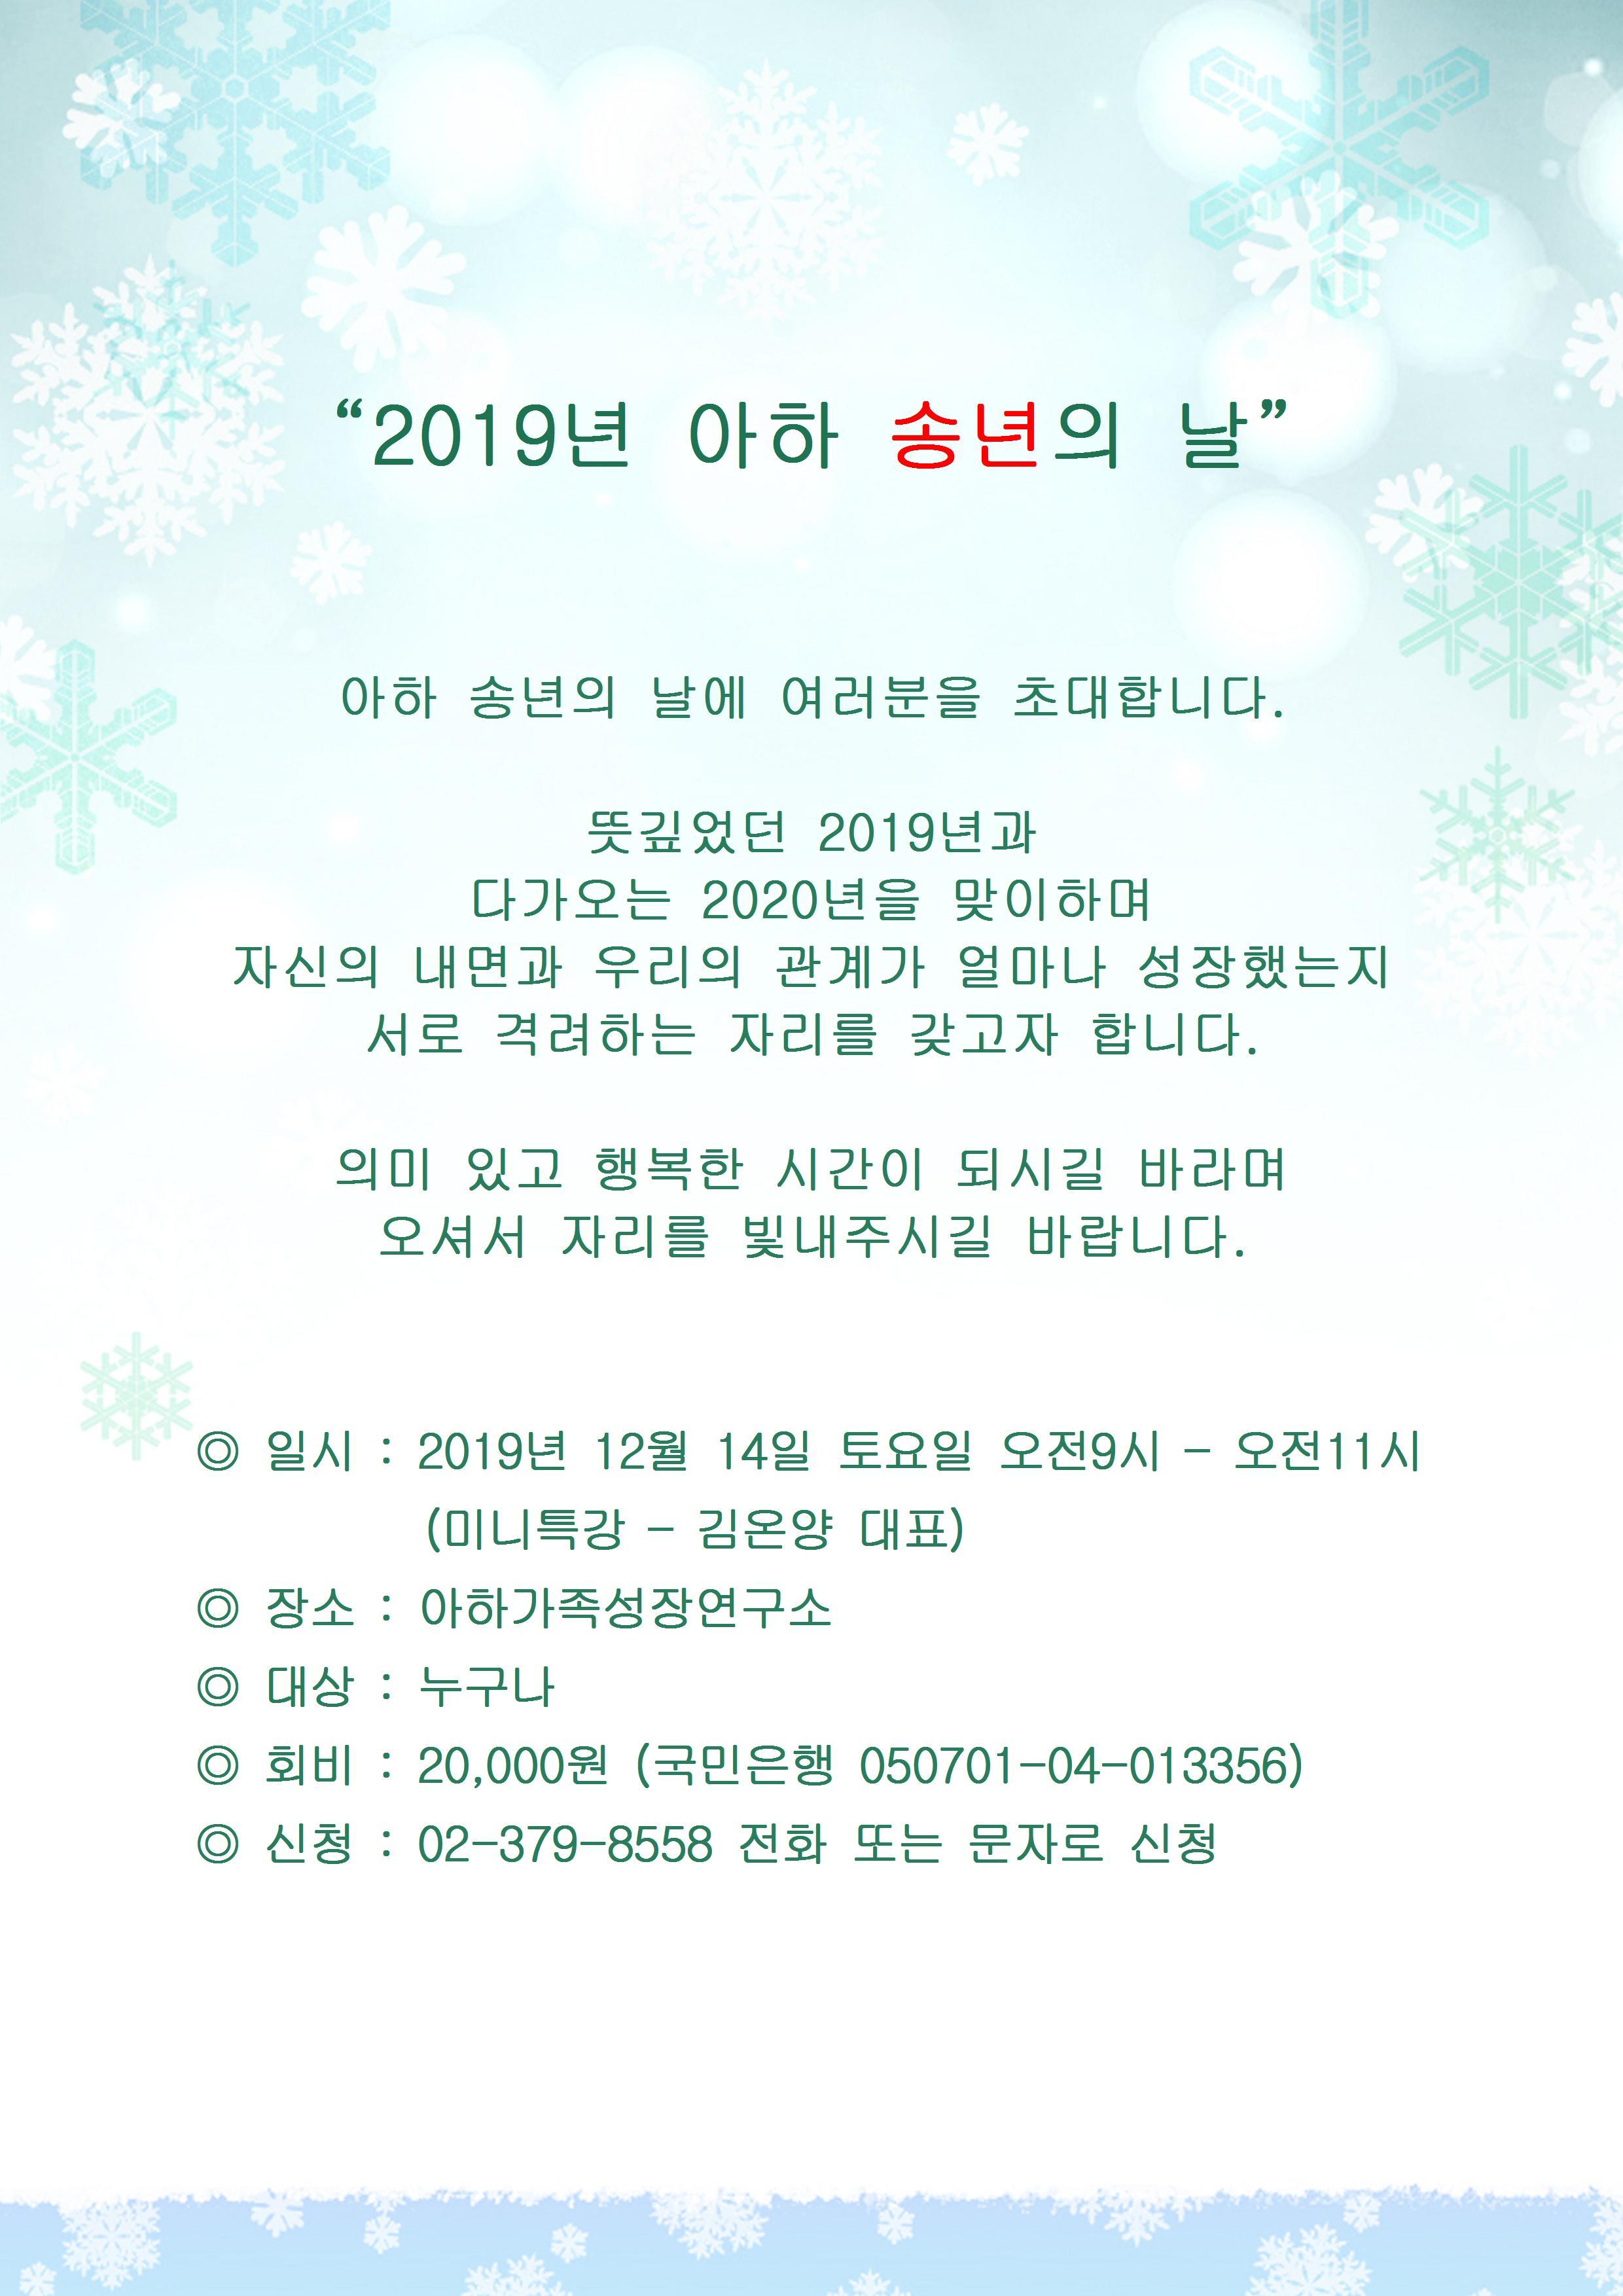 2019년 12월 아하데이 (송년의 날).jpg